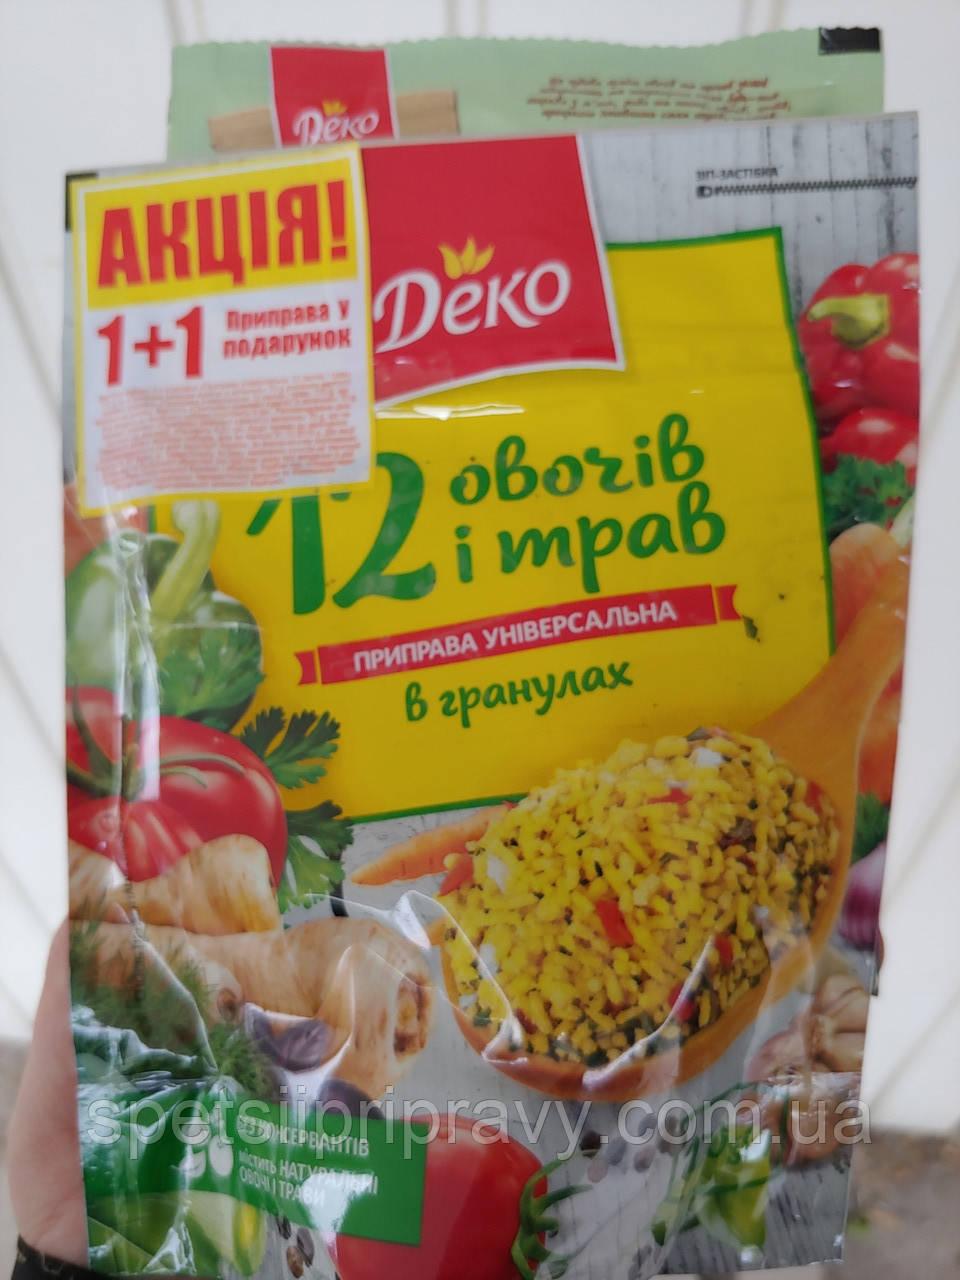 12 овощей и трав в гранулах Деко 170г акция +1 смаковач куриная к каждой пачке